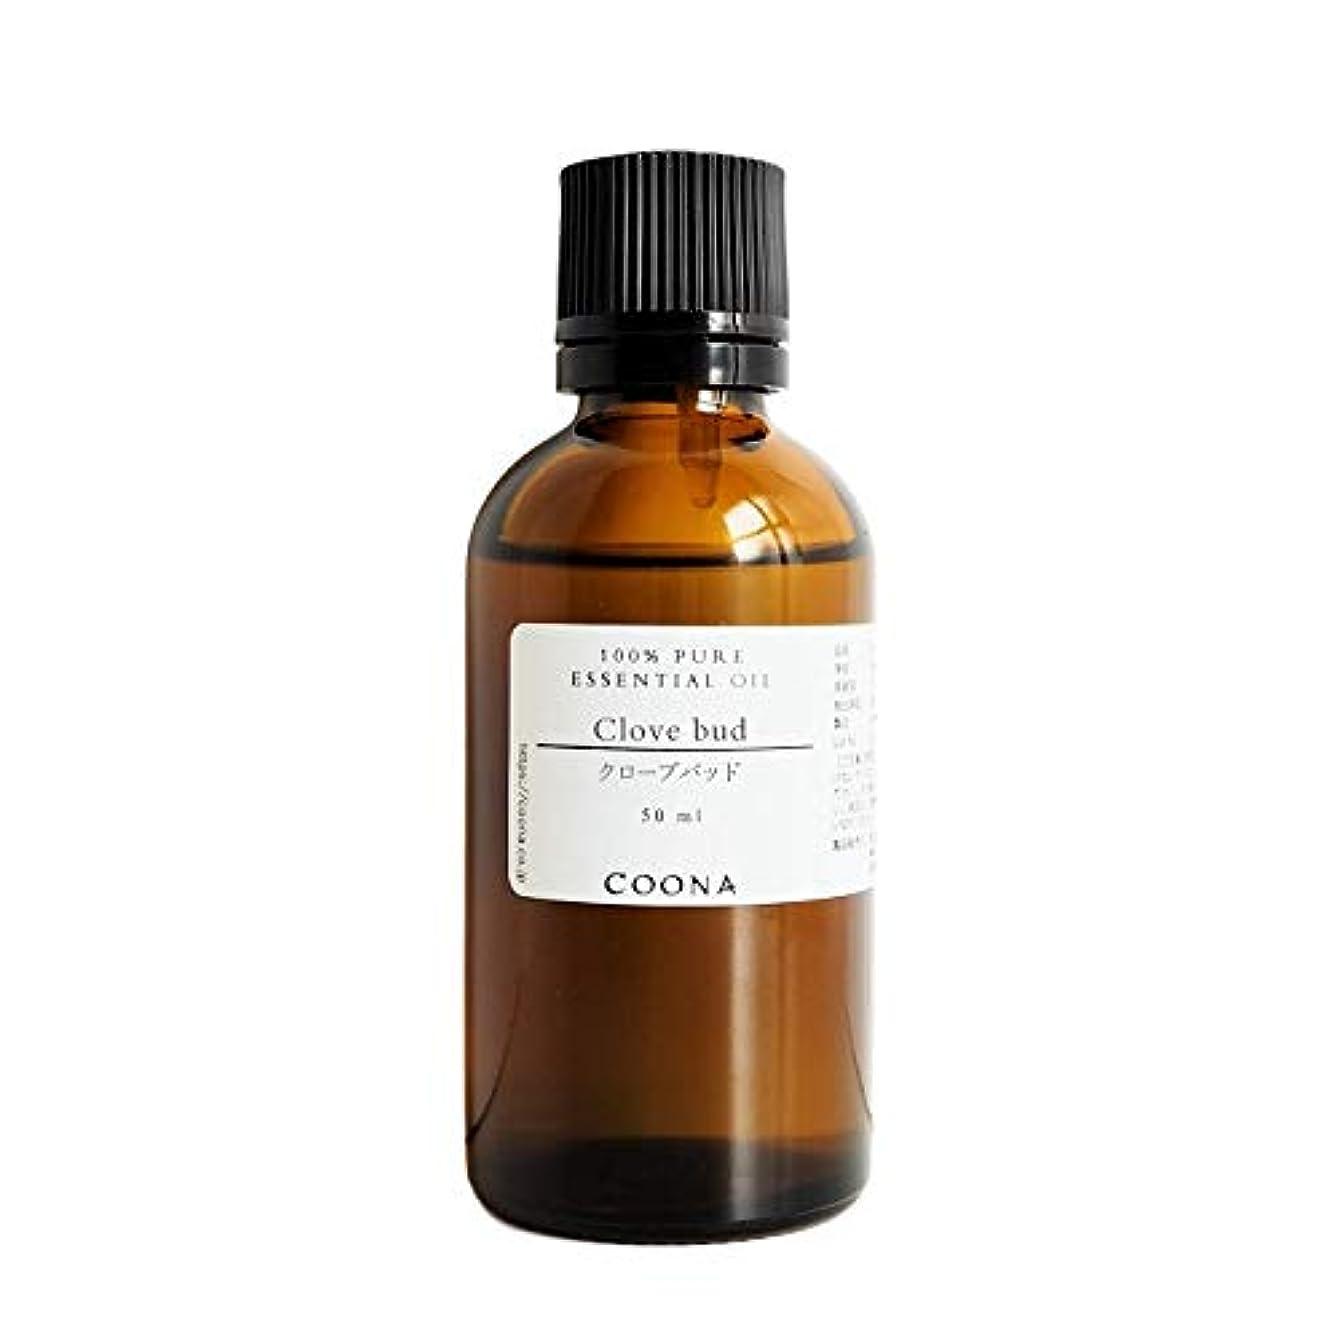 表面的な通行料金モバイルクローブ バッド 50 ml (COONA エッセンシャルオイル アロマオイル 100%天然植物精油)